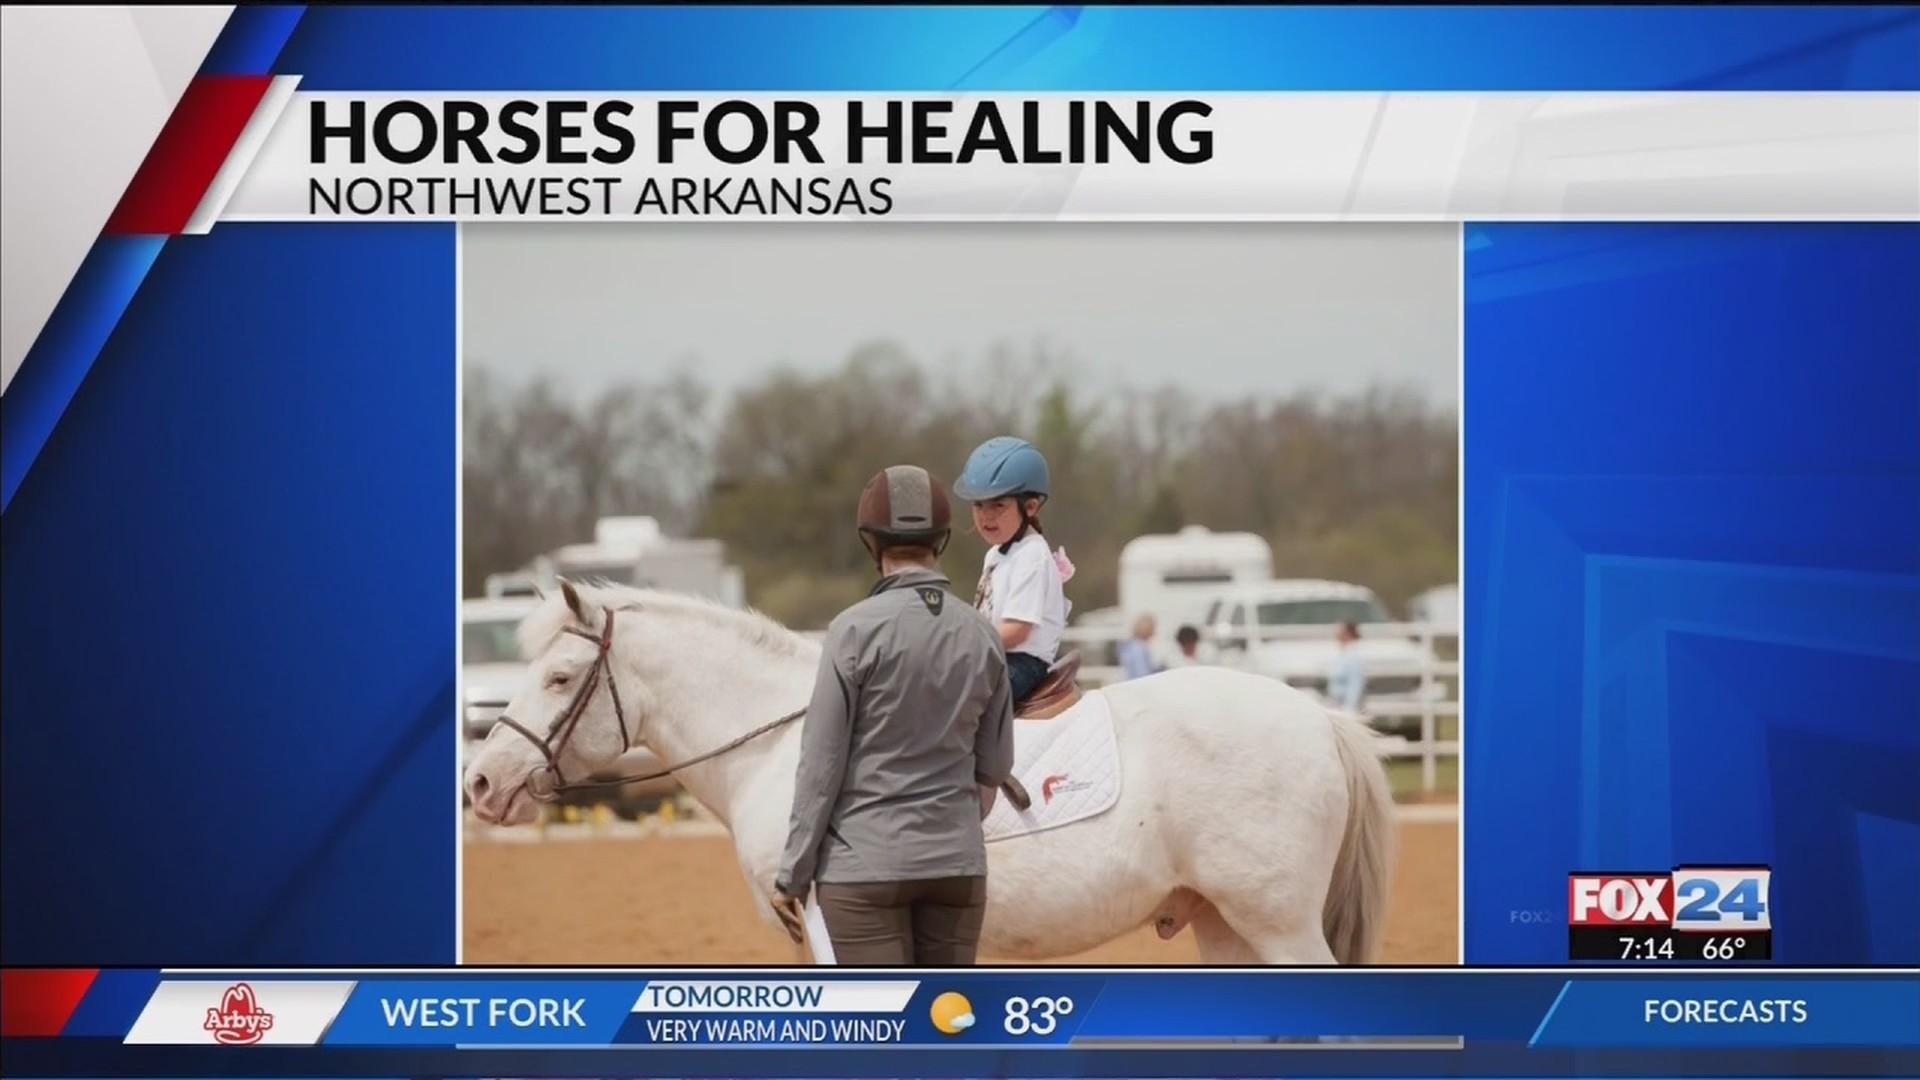 Fox_24_News_at_7__Horses_for_Healing_Cha_0_20190410122303